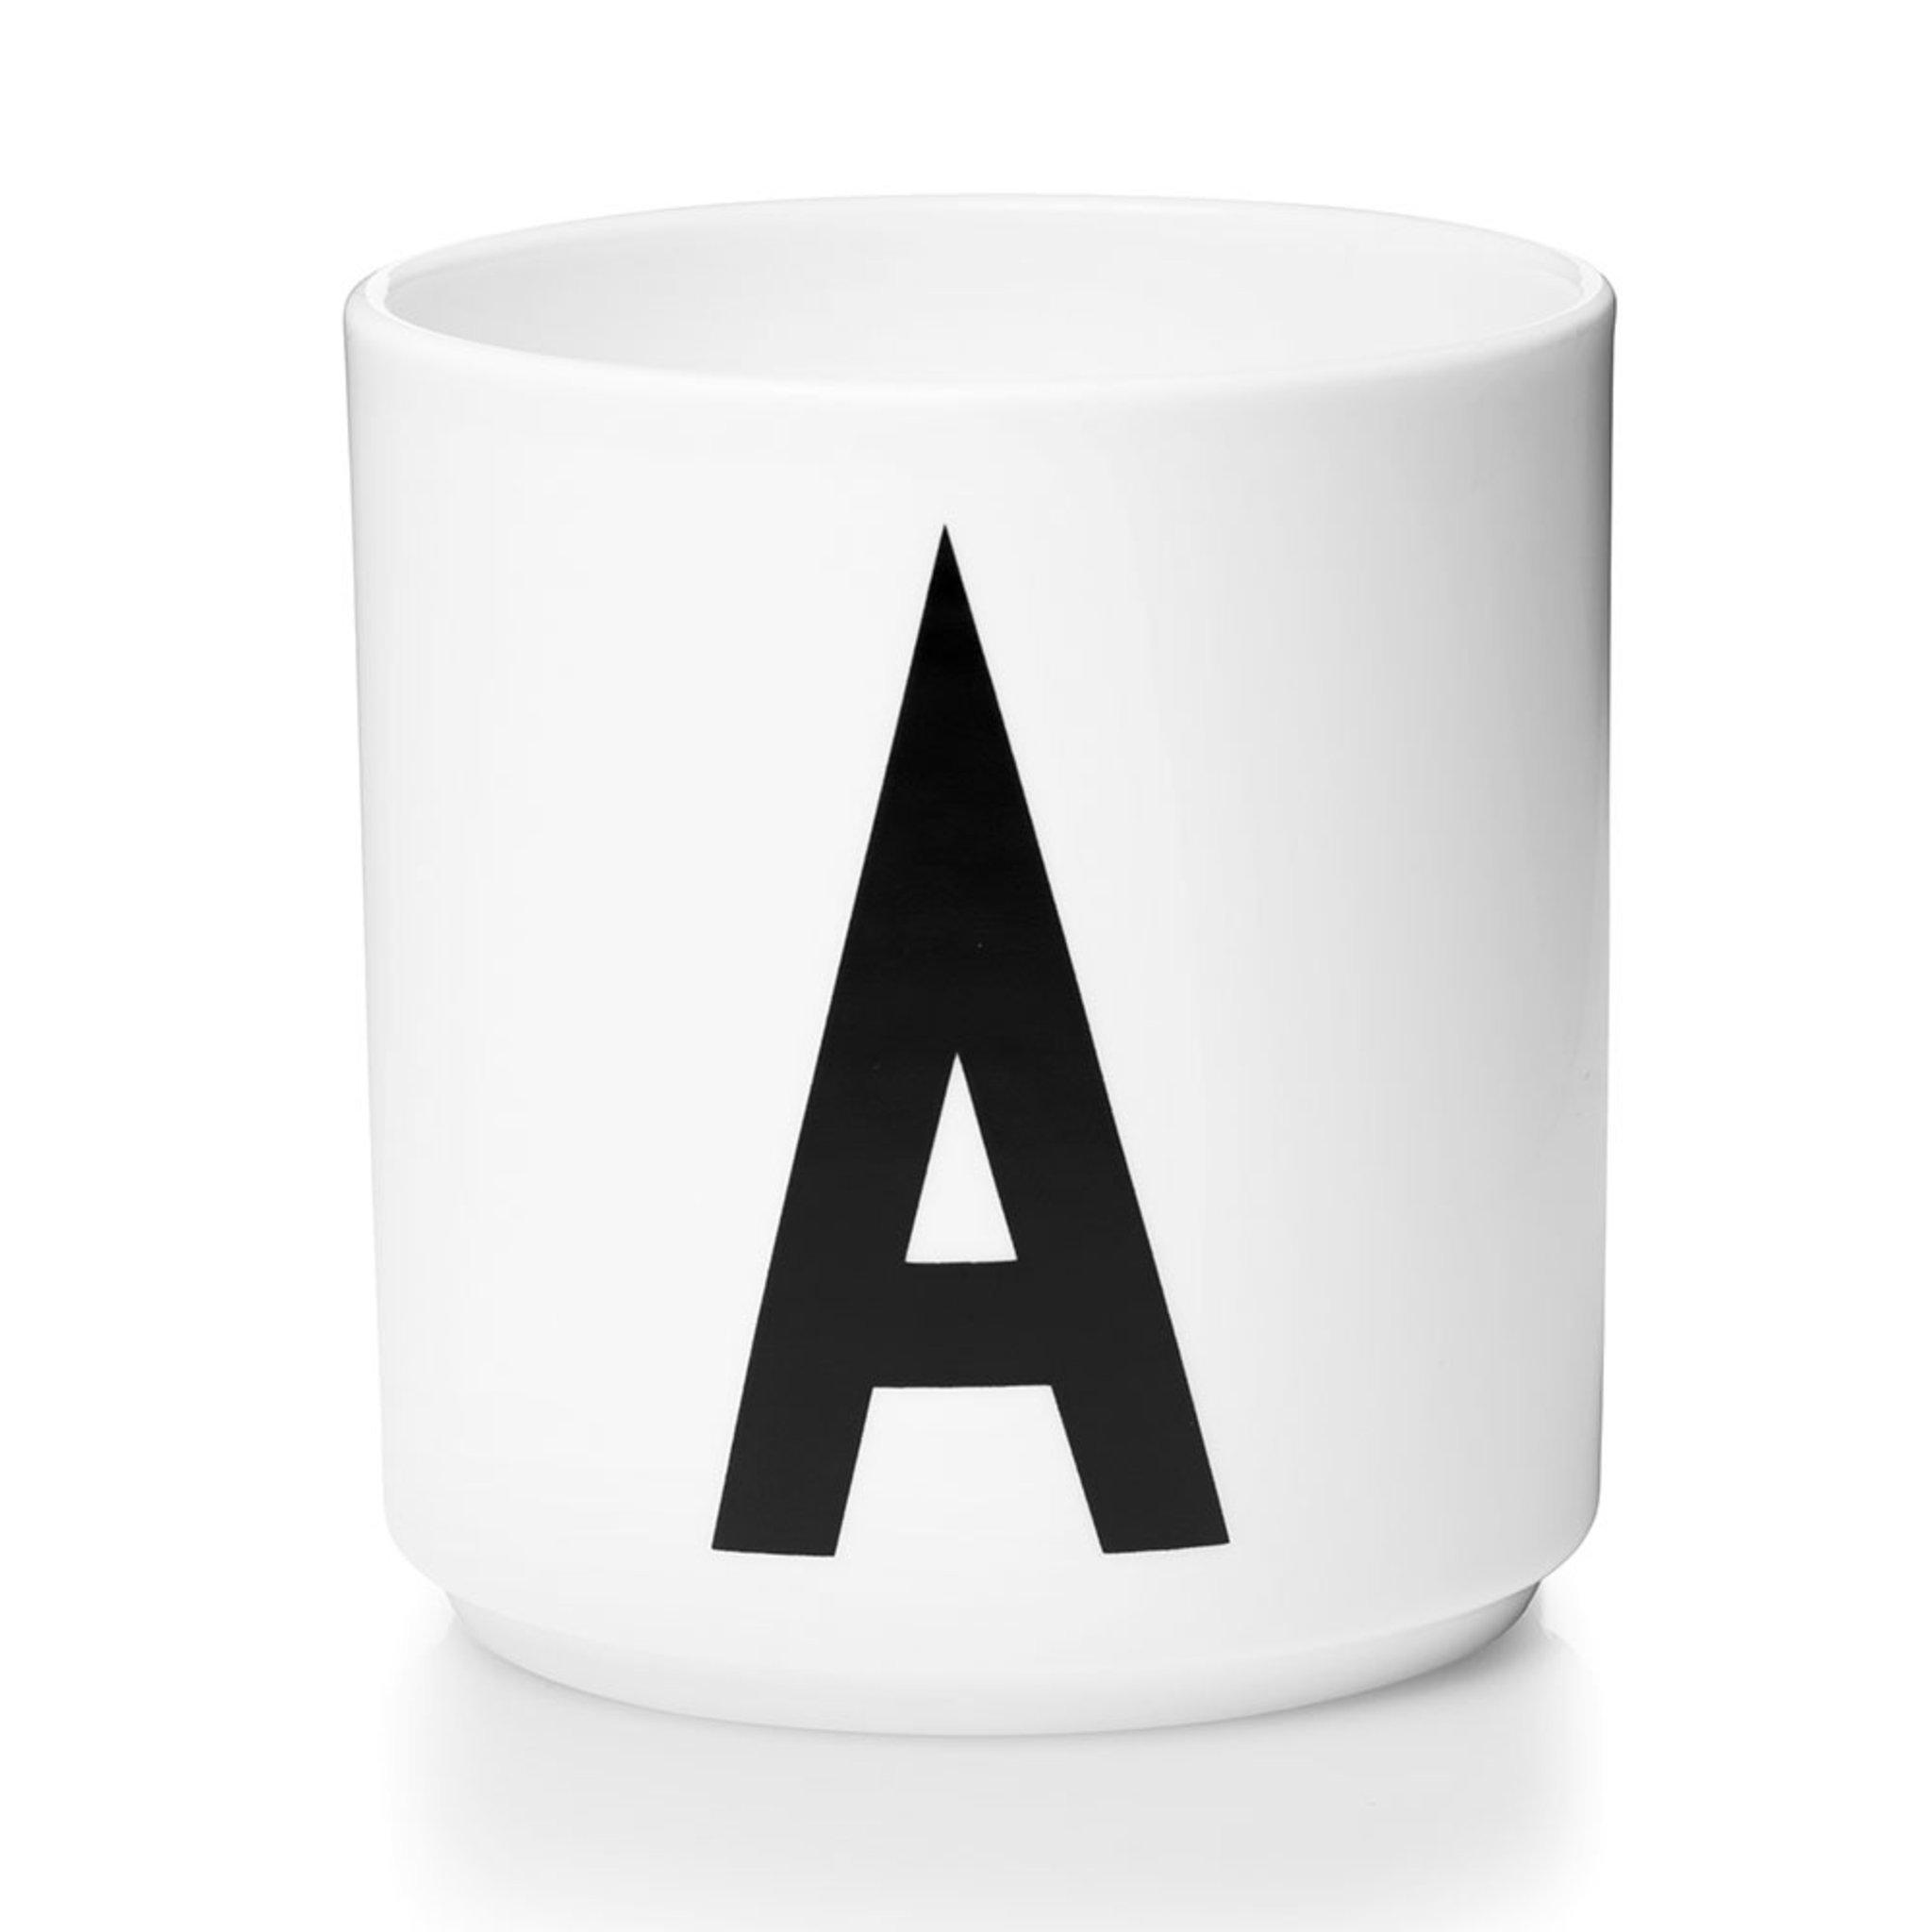 Mugg Porcelain, A-Z